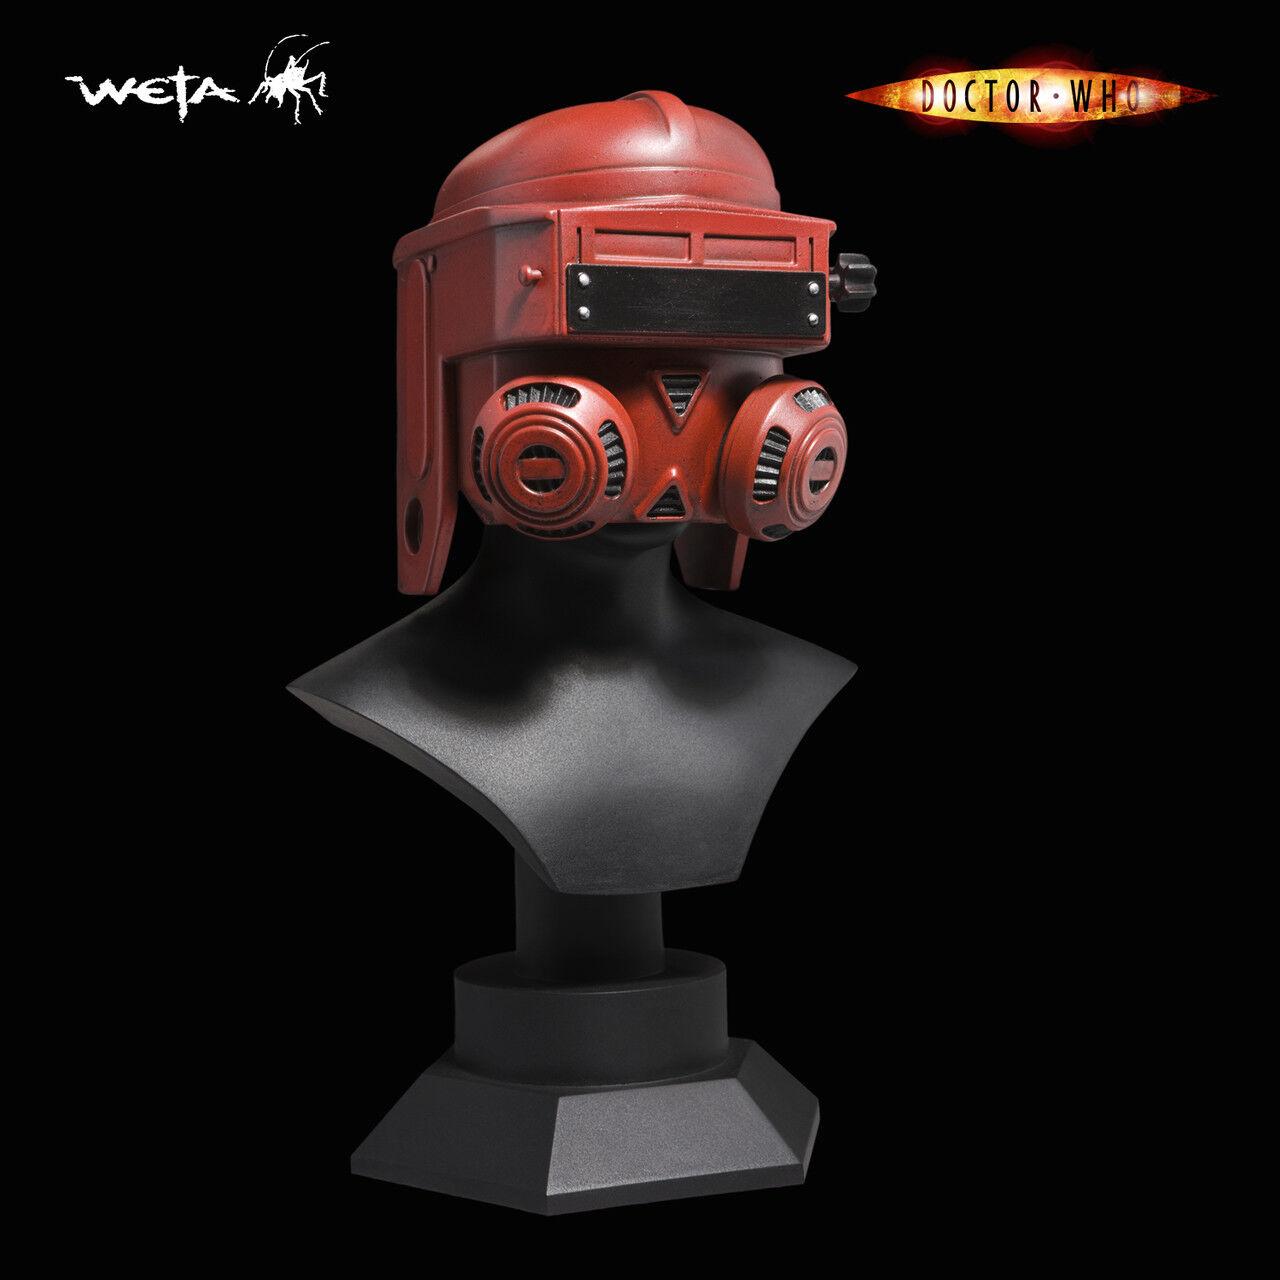 Weta - Doctor Who 1 4 Replica - Industrial Welding Mask